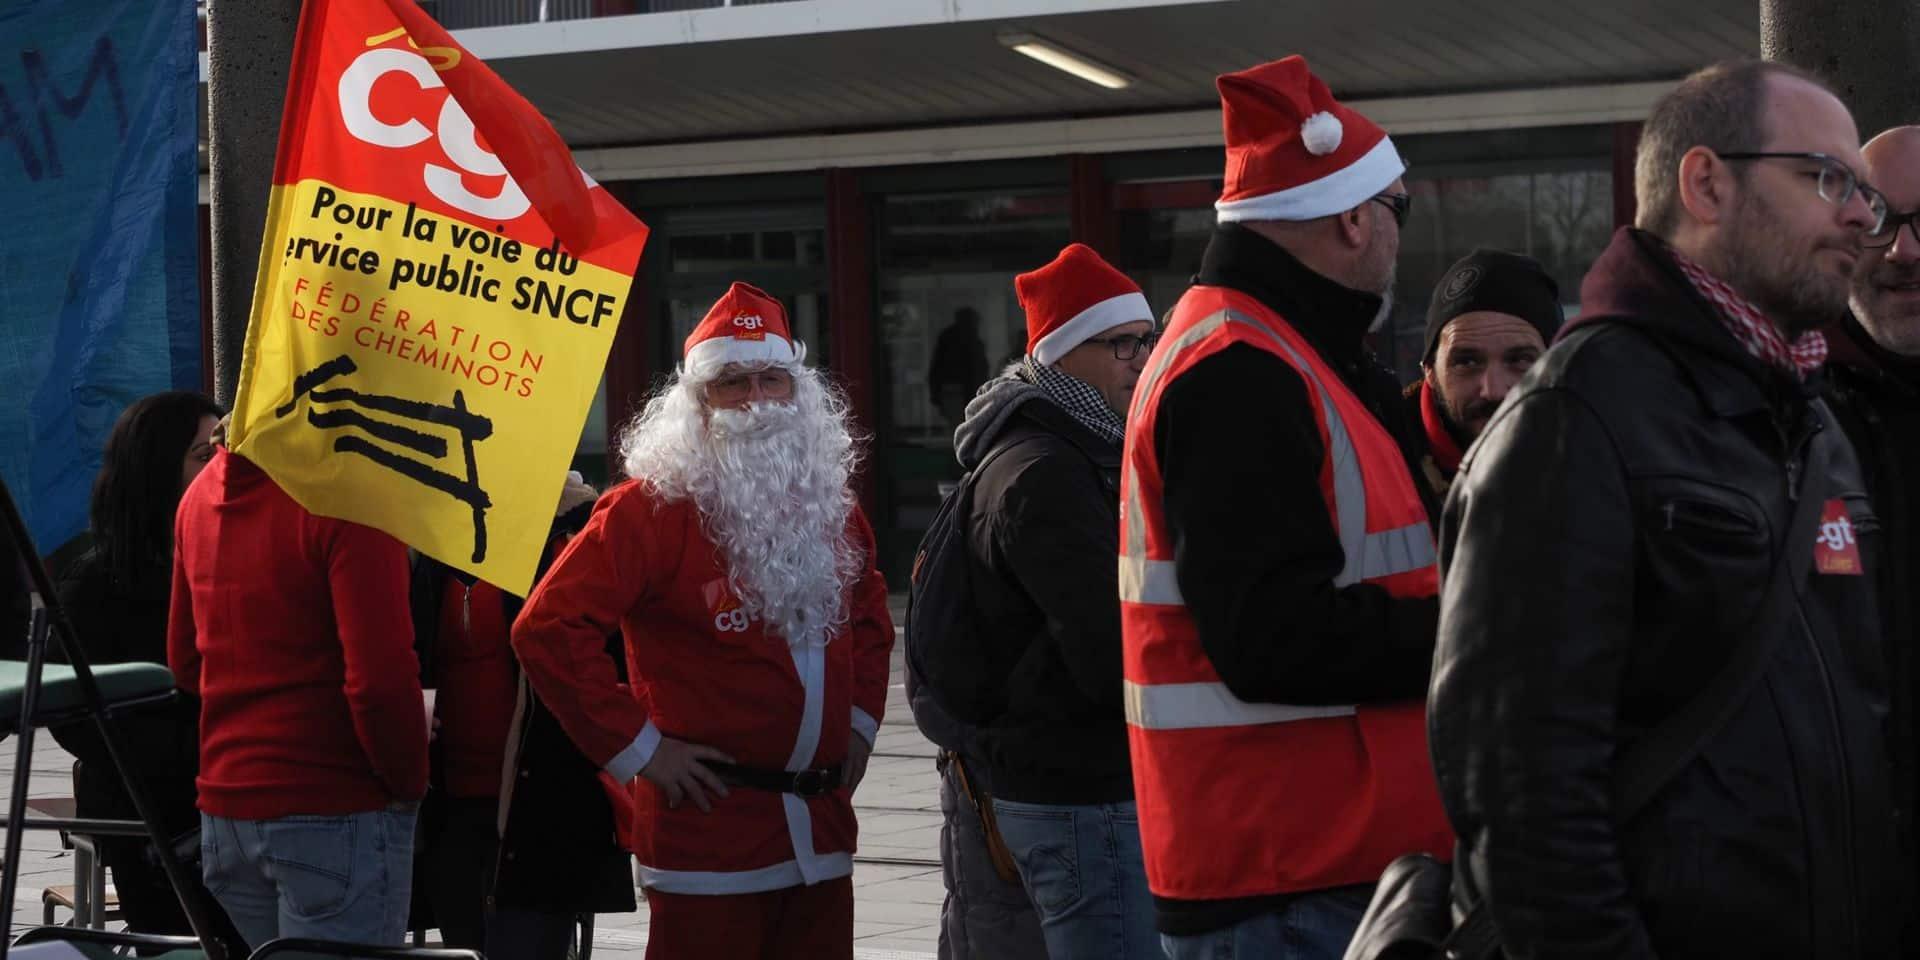 """Après Noël, le 31 décembre frappé par la grève en France ? """"On ne s'arrête pas quand on a perdu 20 ou 25 jours de salaire, juste parce que c'est le Nouvel An"""""""